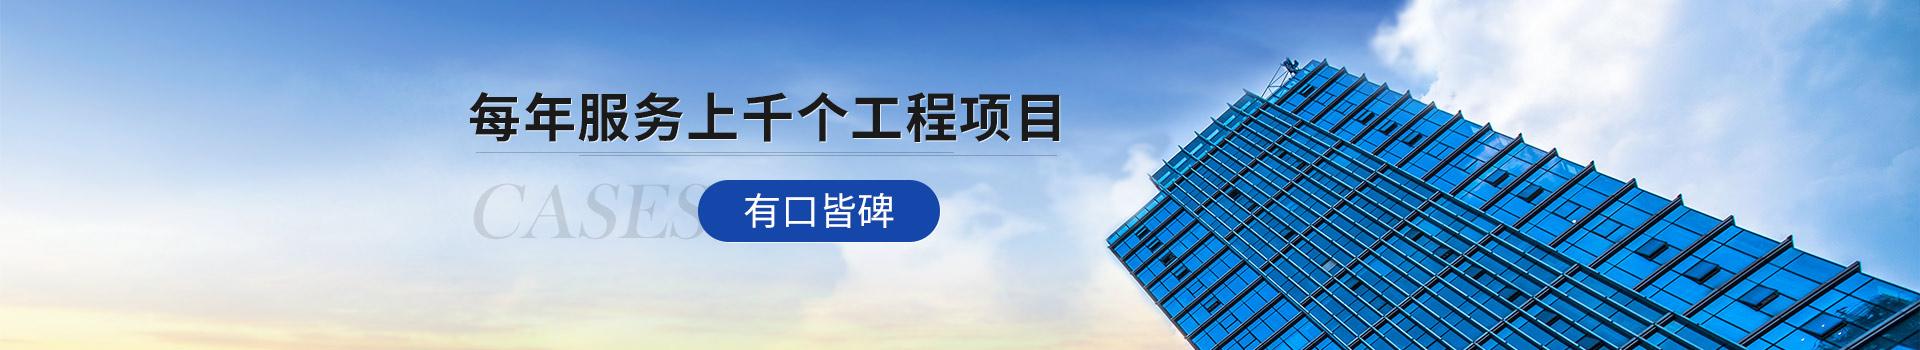 北京东宏东升 每年服务上千个工程项目